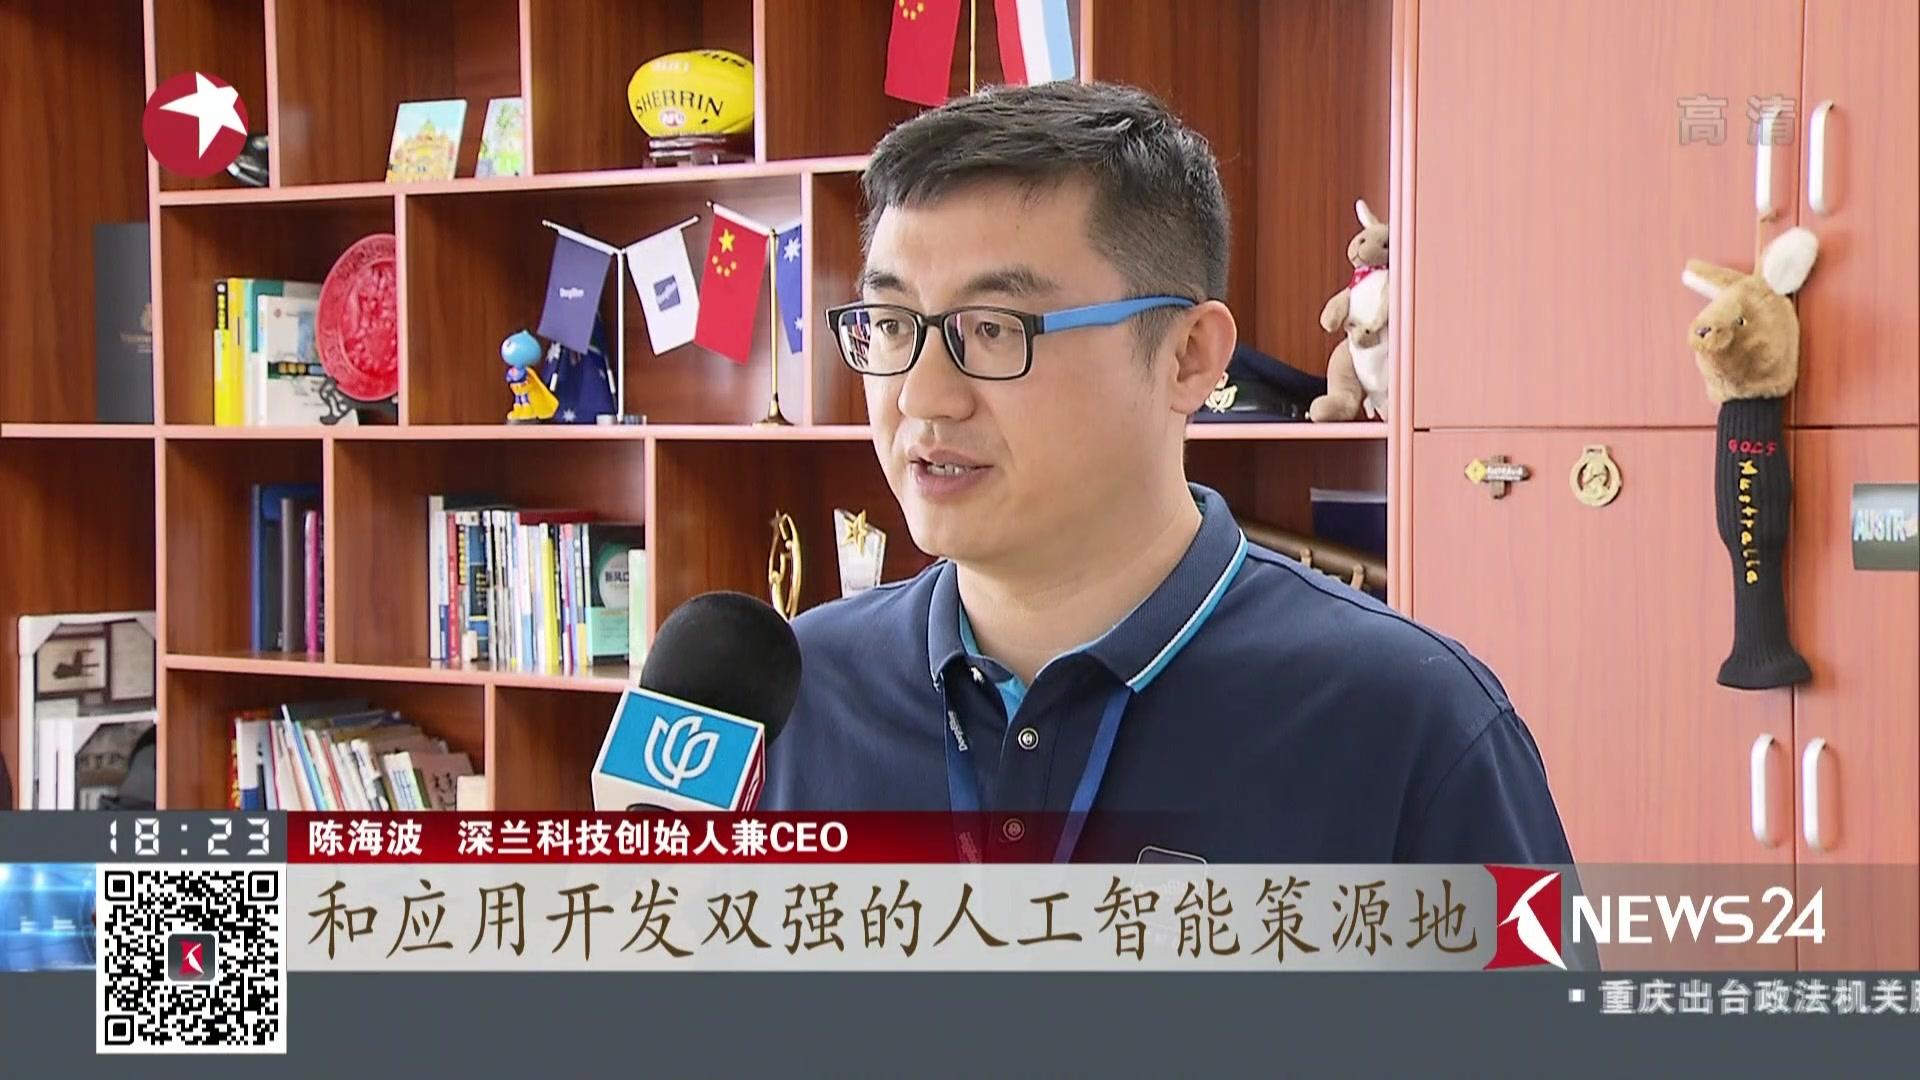 上海:人工智能正让生活日新月异